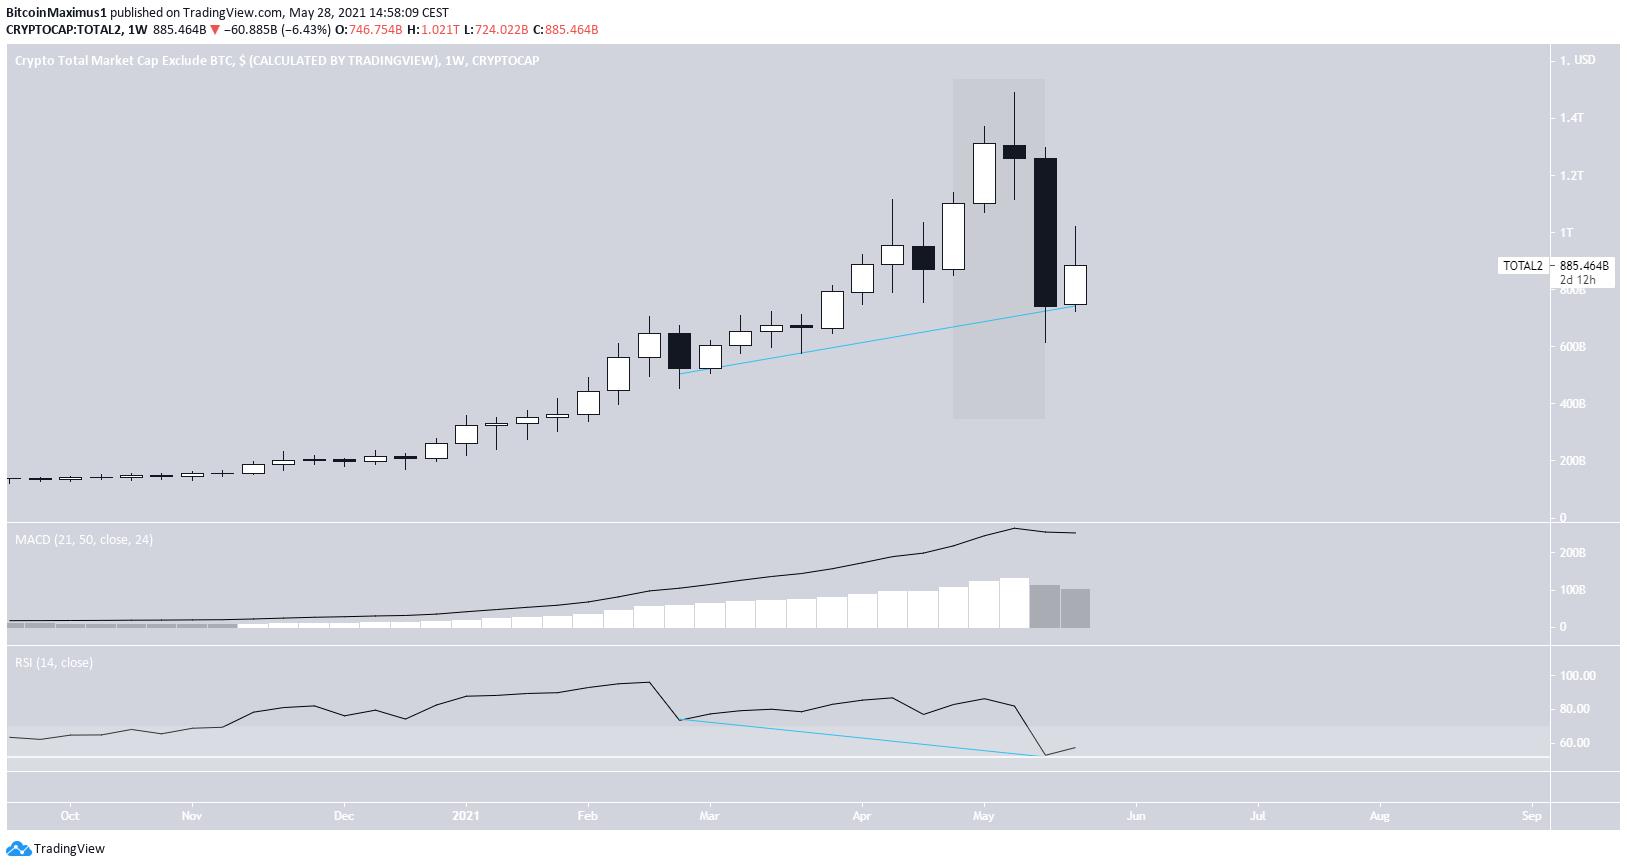 Weekly market cap